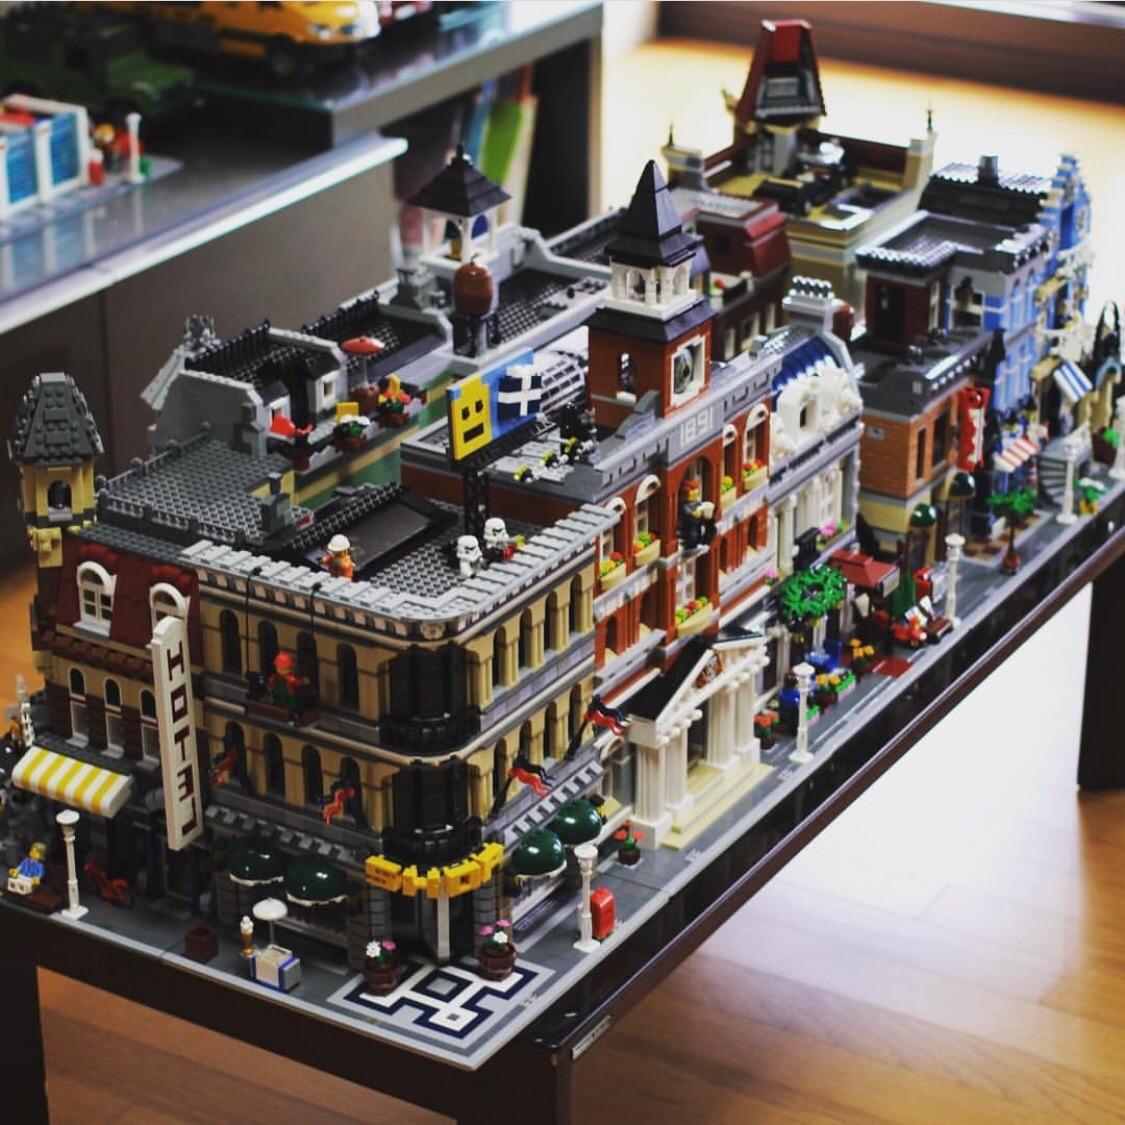 City Street Scene Building Block 15001 15002 15003 15008 15009 15010 15011 15013 15018 15019 House Model Brick Toy For Children